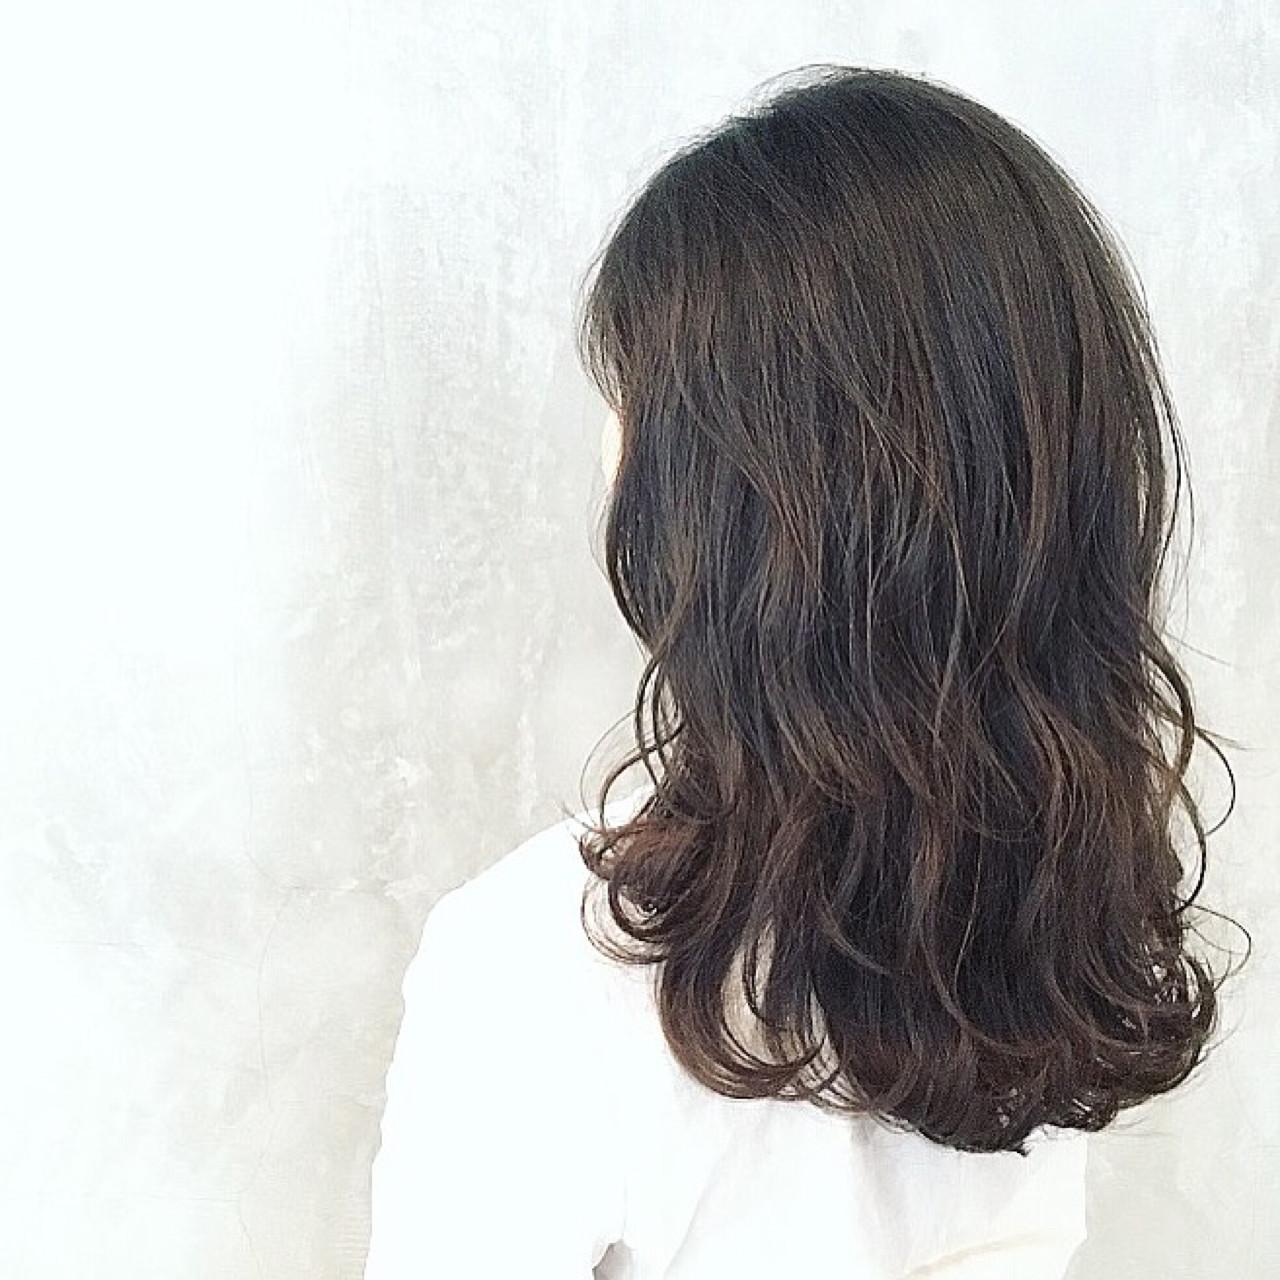 波ウエーブで洗練された女性のイメージに 篠崎 佑介 | ticro.